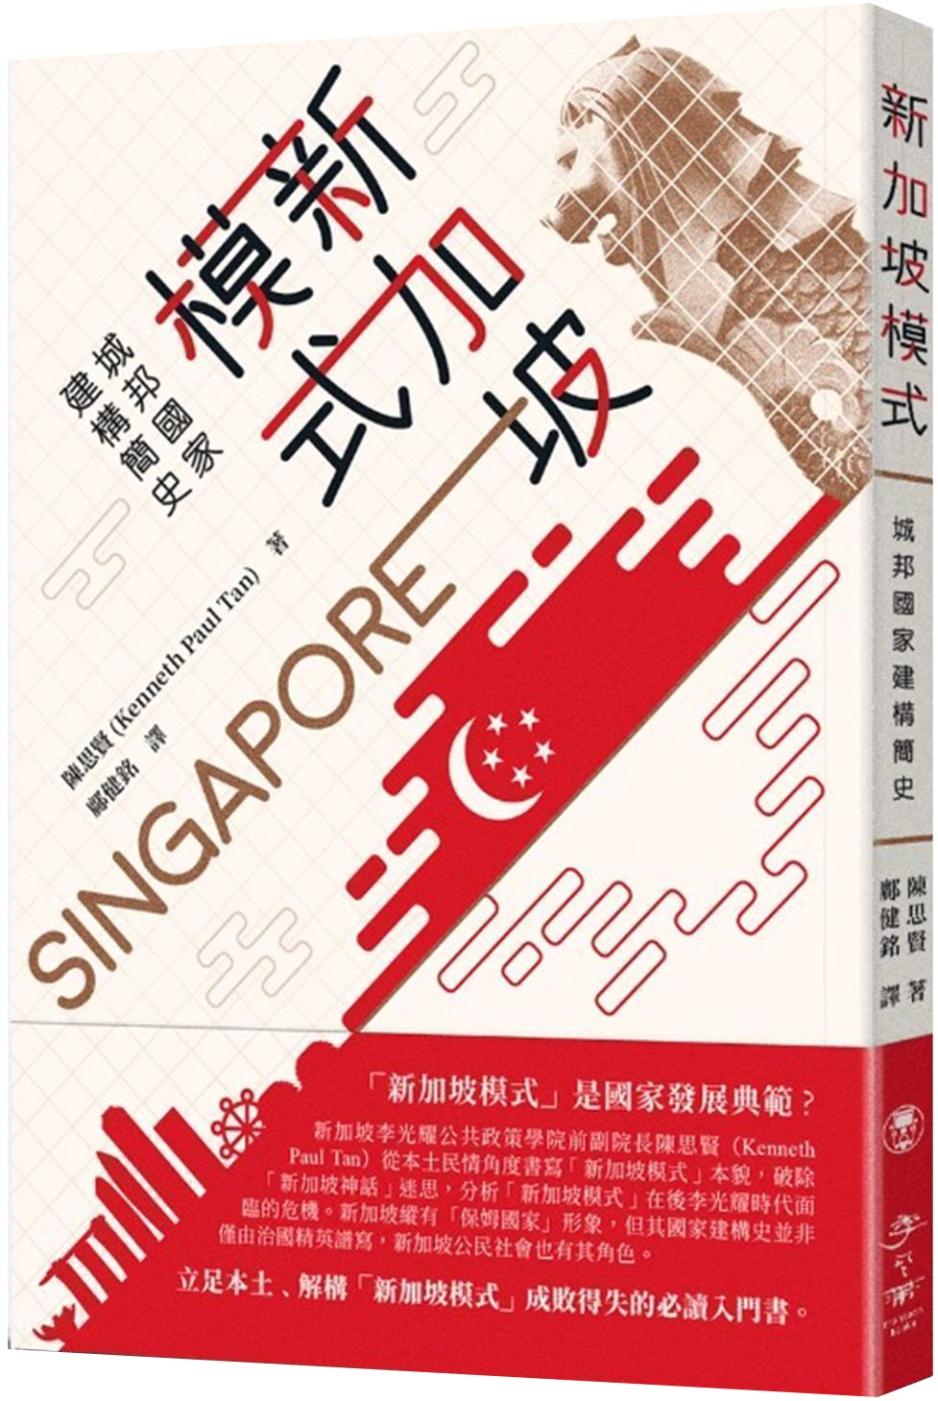 新加坡模式:城邦國家建構簡史